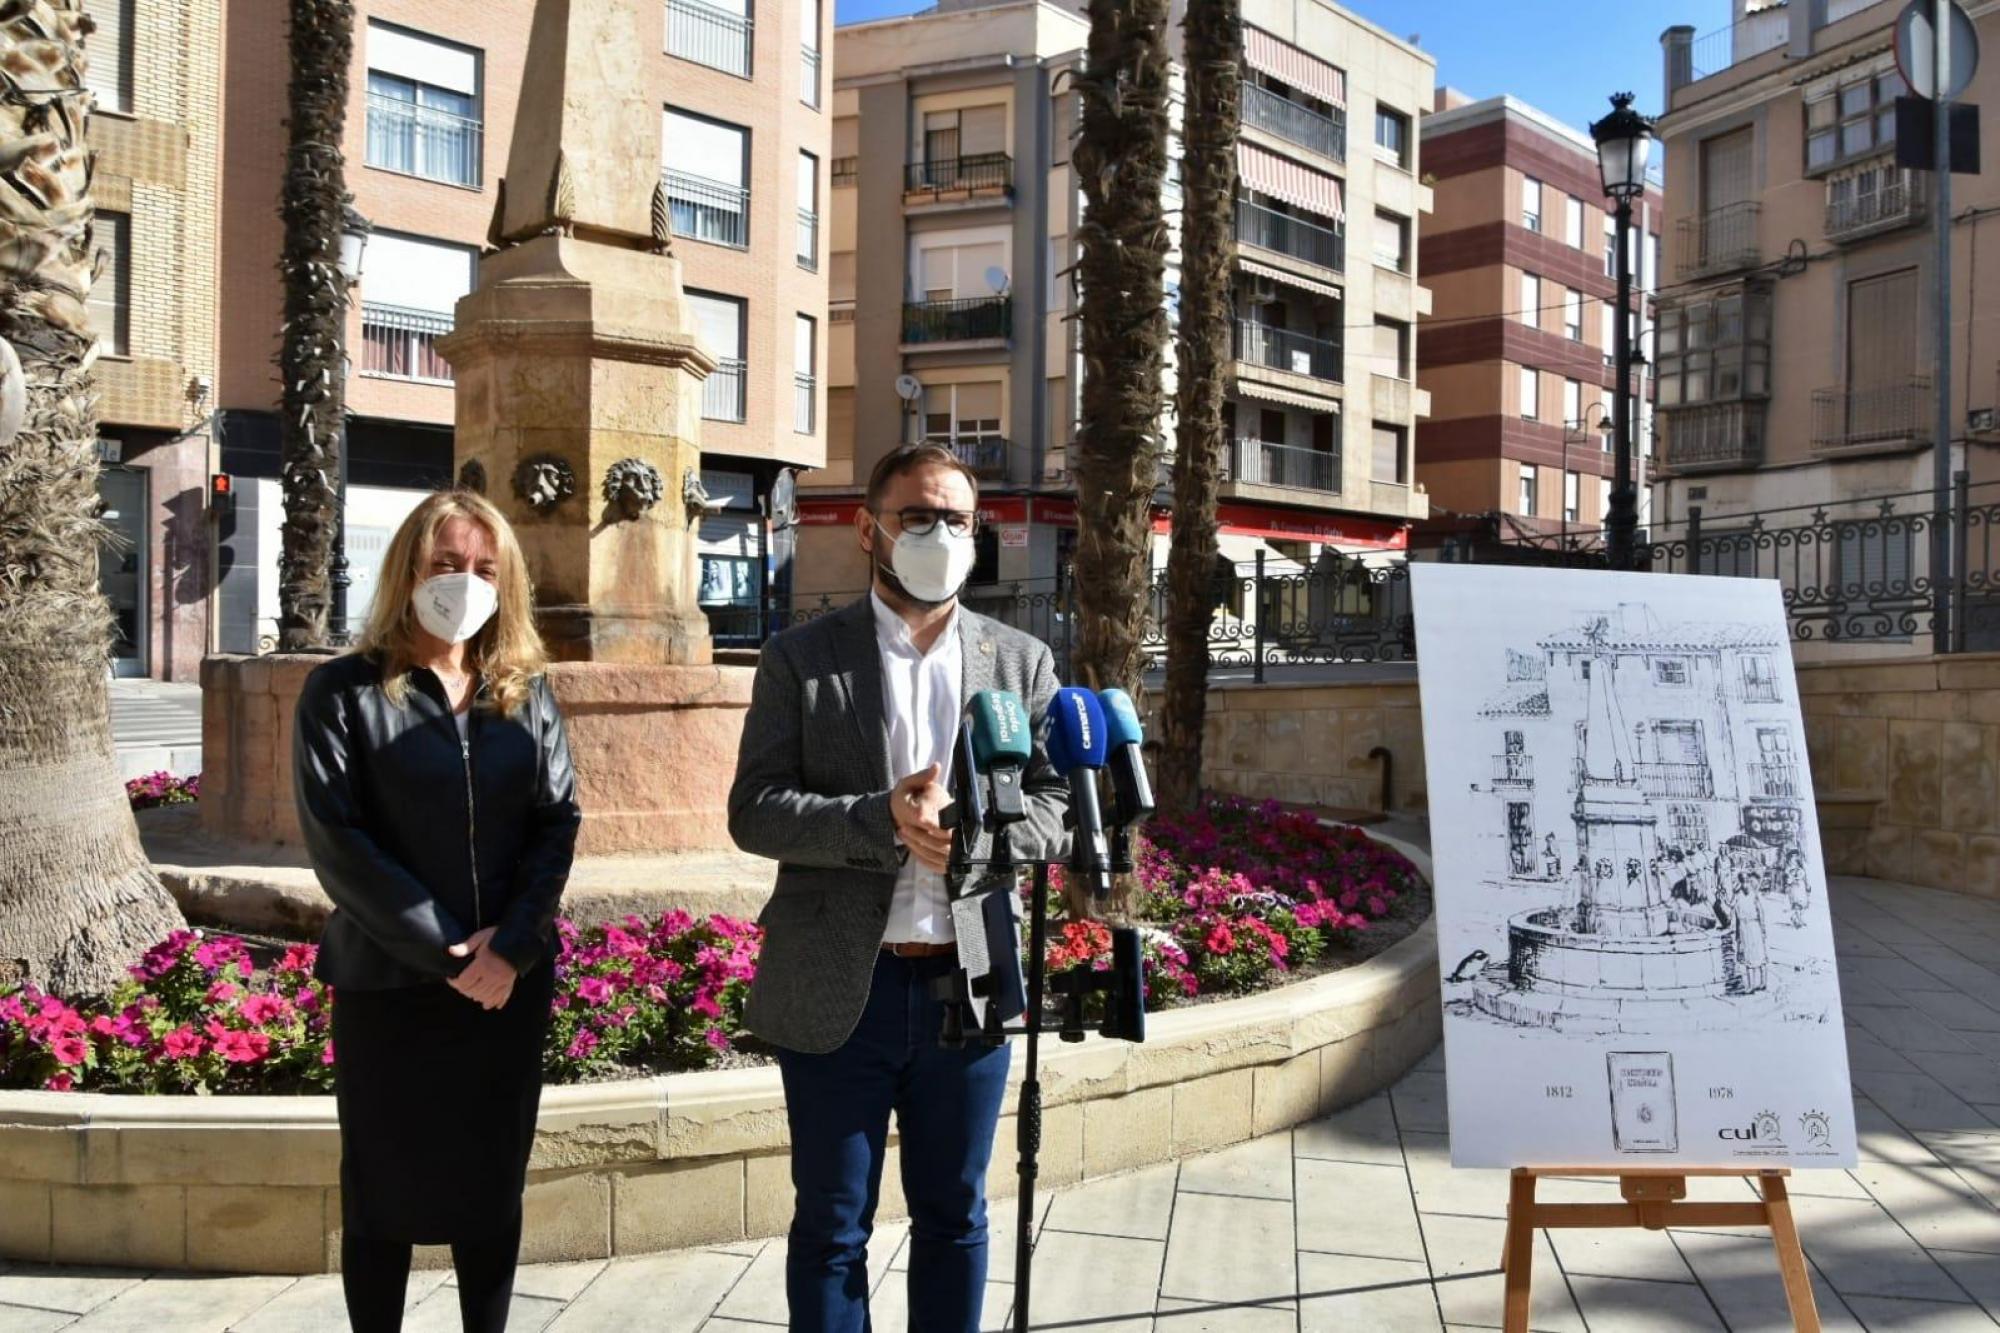 El Ayuntamiento de Lorca quiere recuperar un ejemplar de la Constitución de 1812, conocida como 'La Pepa', que podría estar enterrado en la Plaza de la Estrella